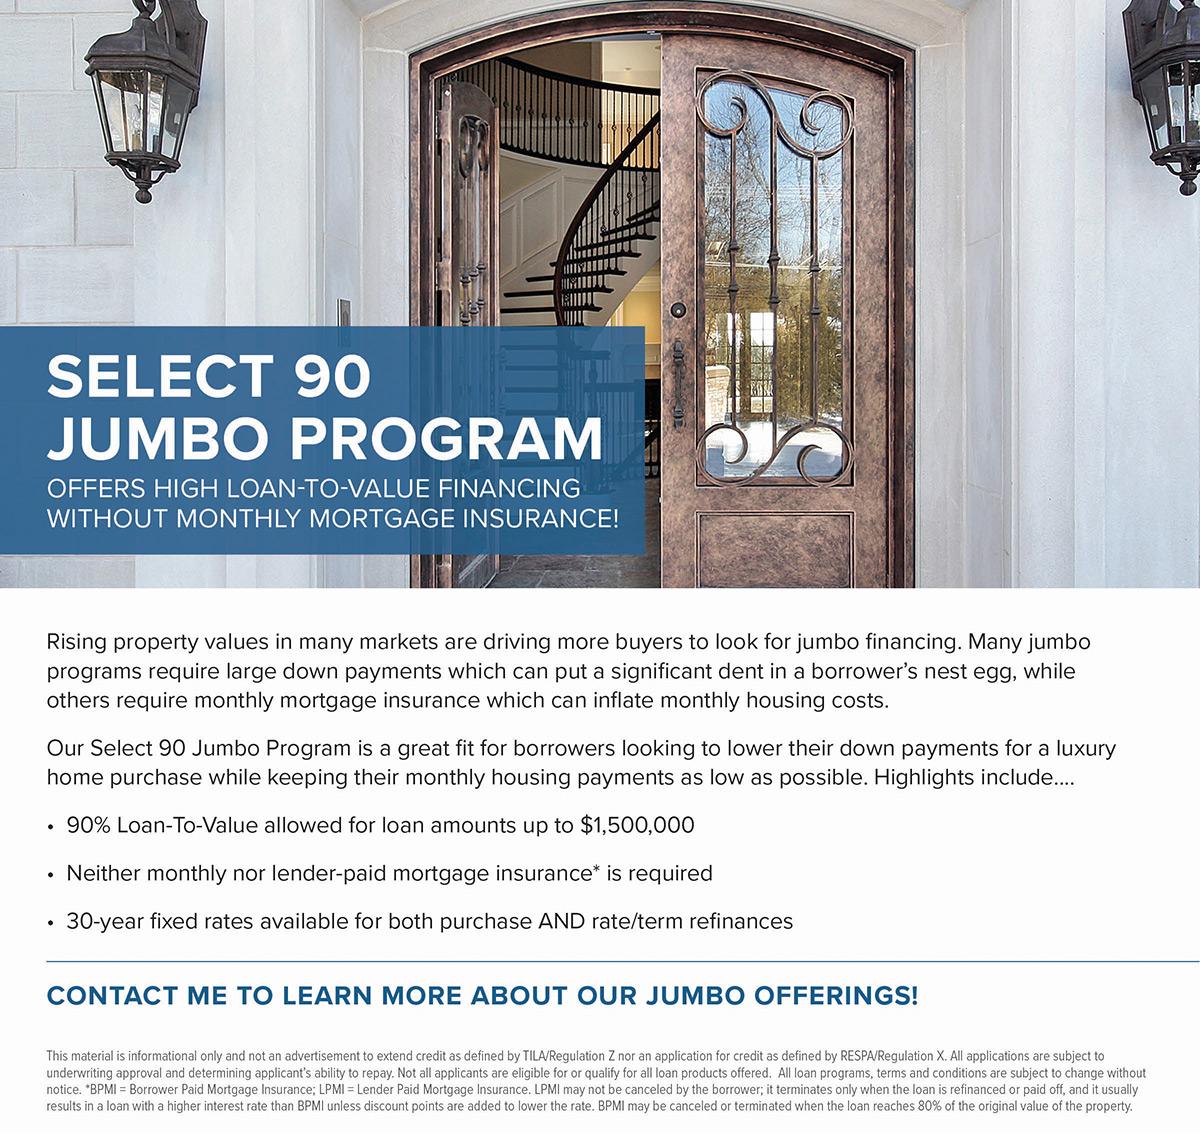 Jumbo - Select 90 Jumbo Program - ActOn.jpg